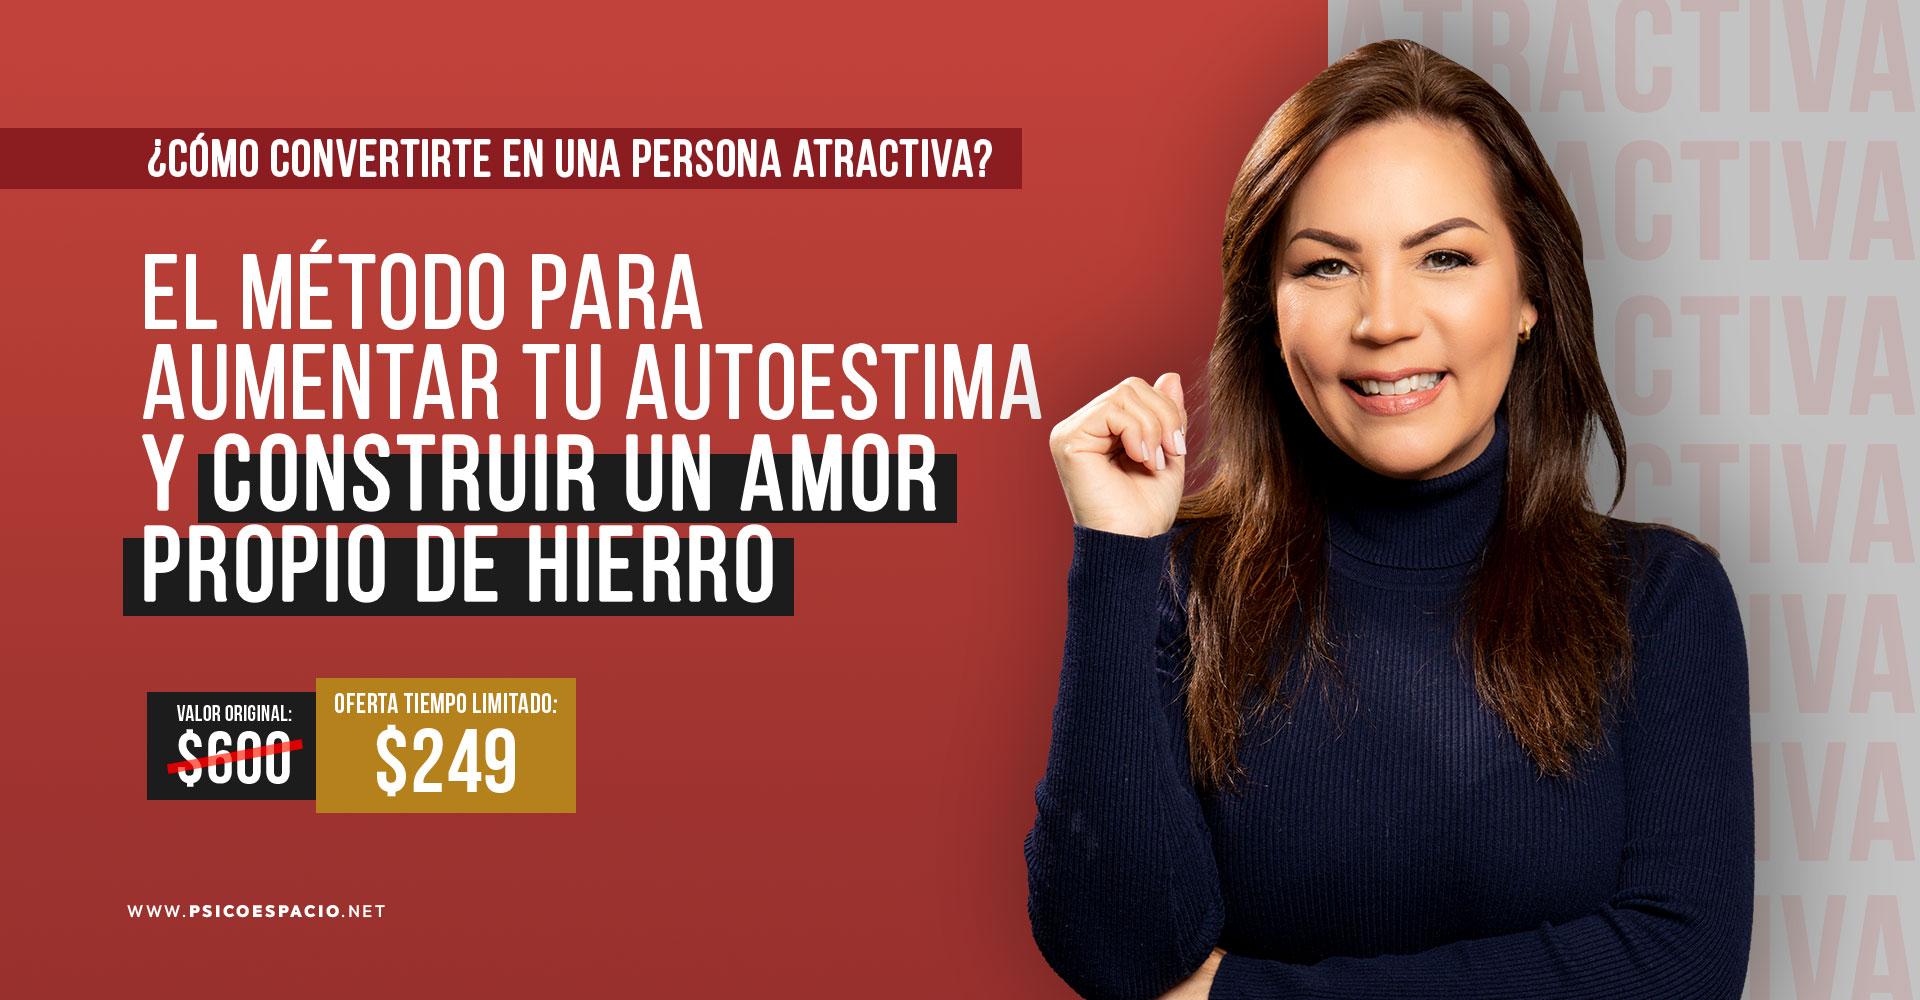 ¿Cómo convertirte en una persona atractiva?